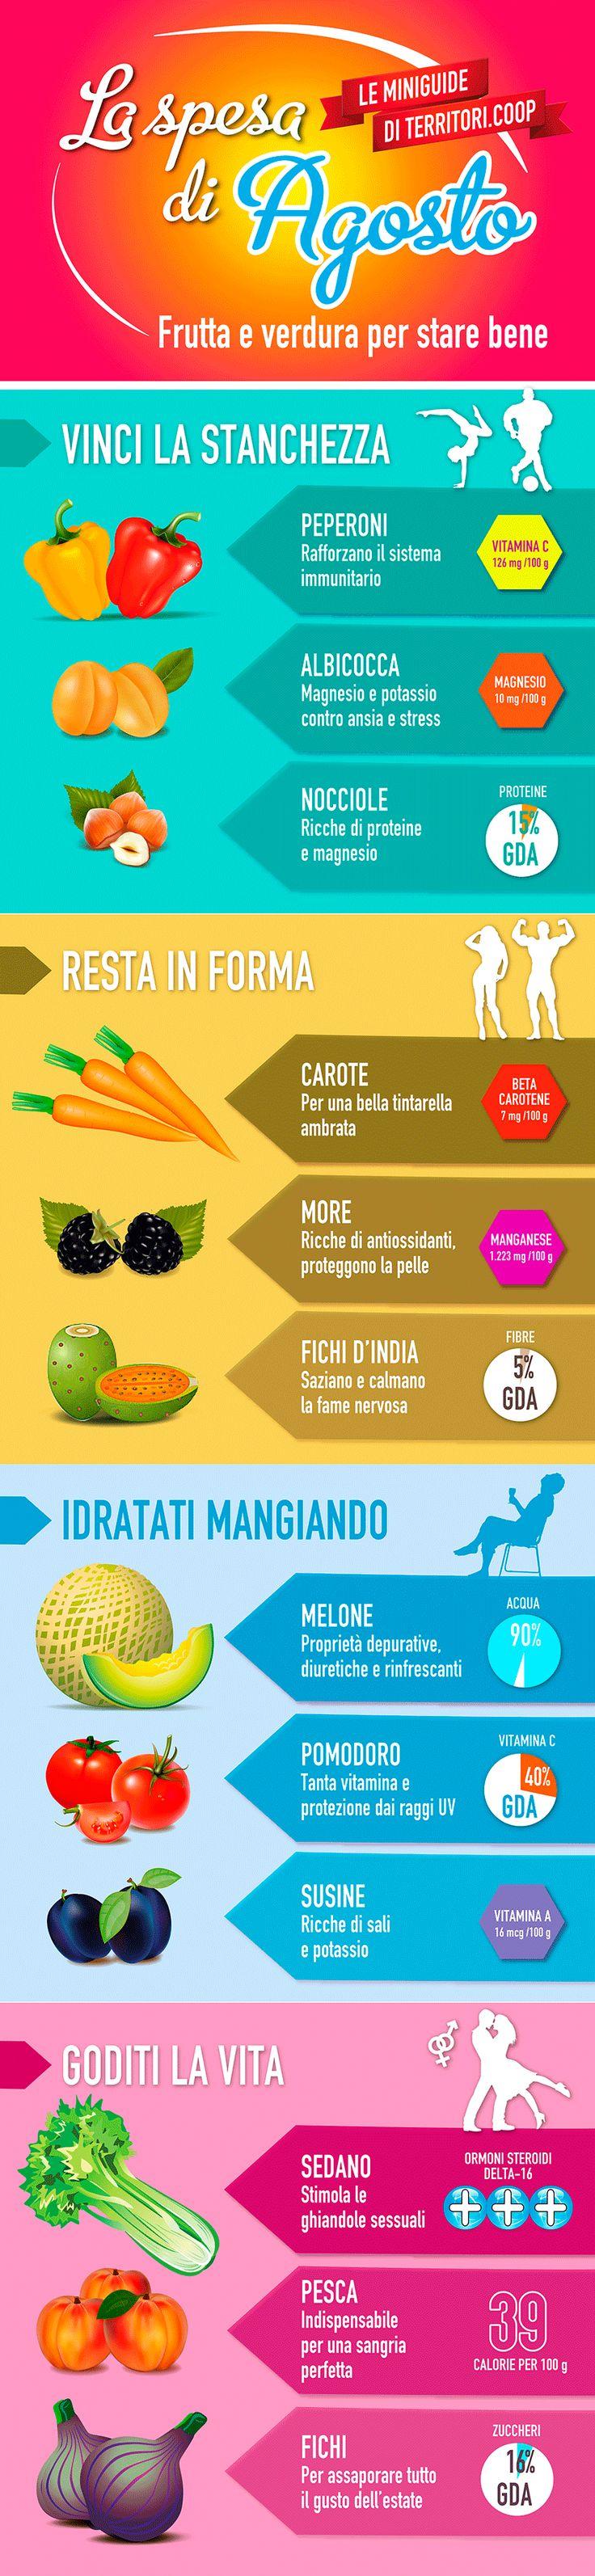 La spesa di agosto #territoriCoop #frutta #verdura #stagione